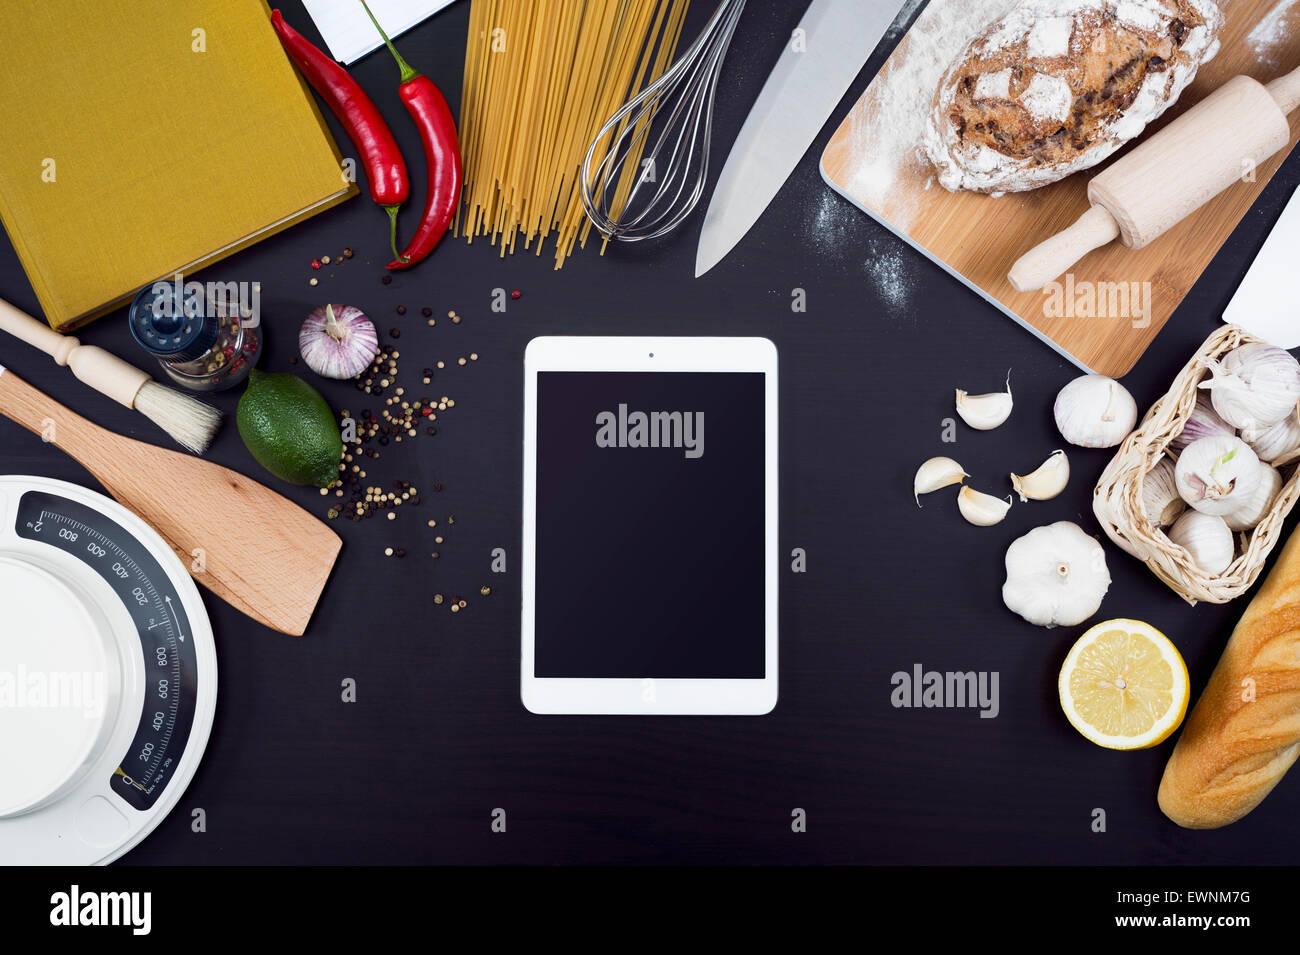 Restaurant Kitchen Background kitchen or restaurant and food hero header. kitchen items with